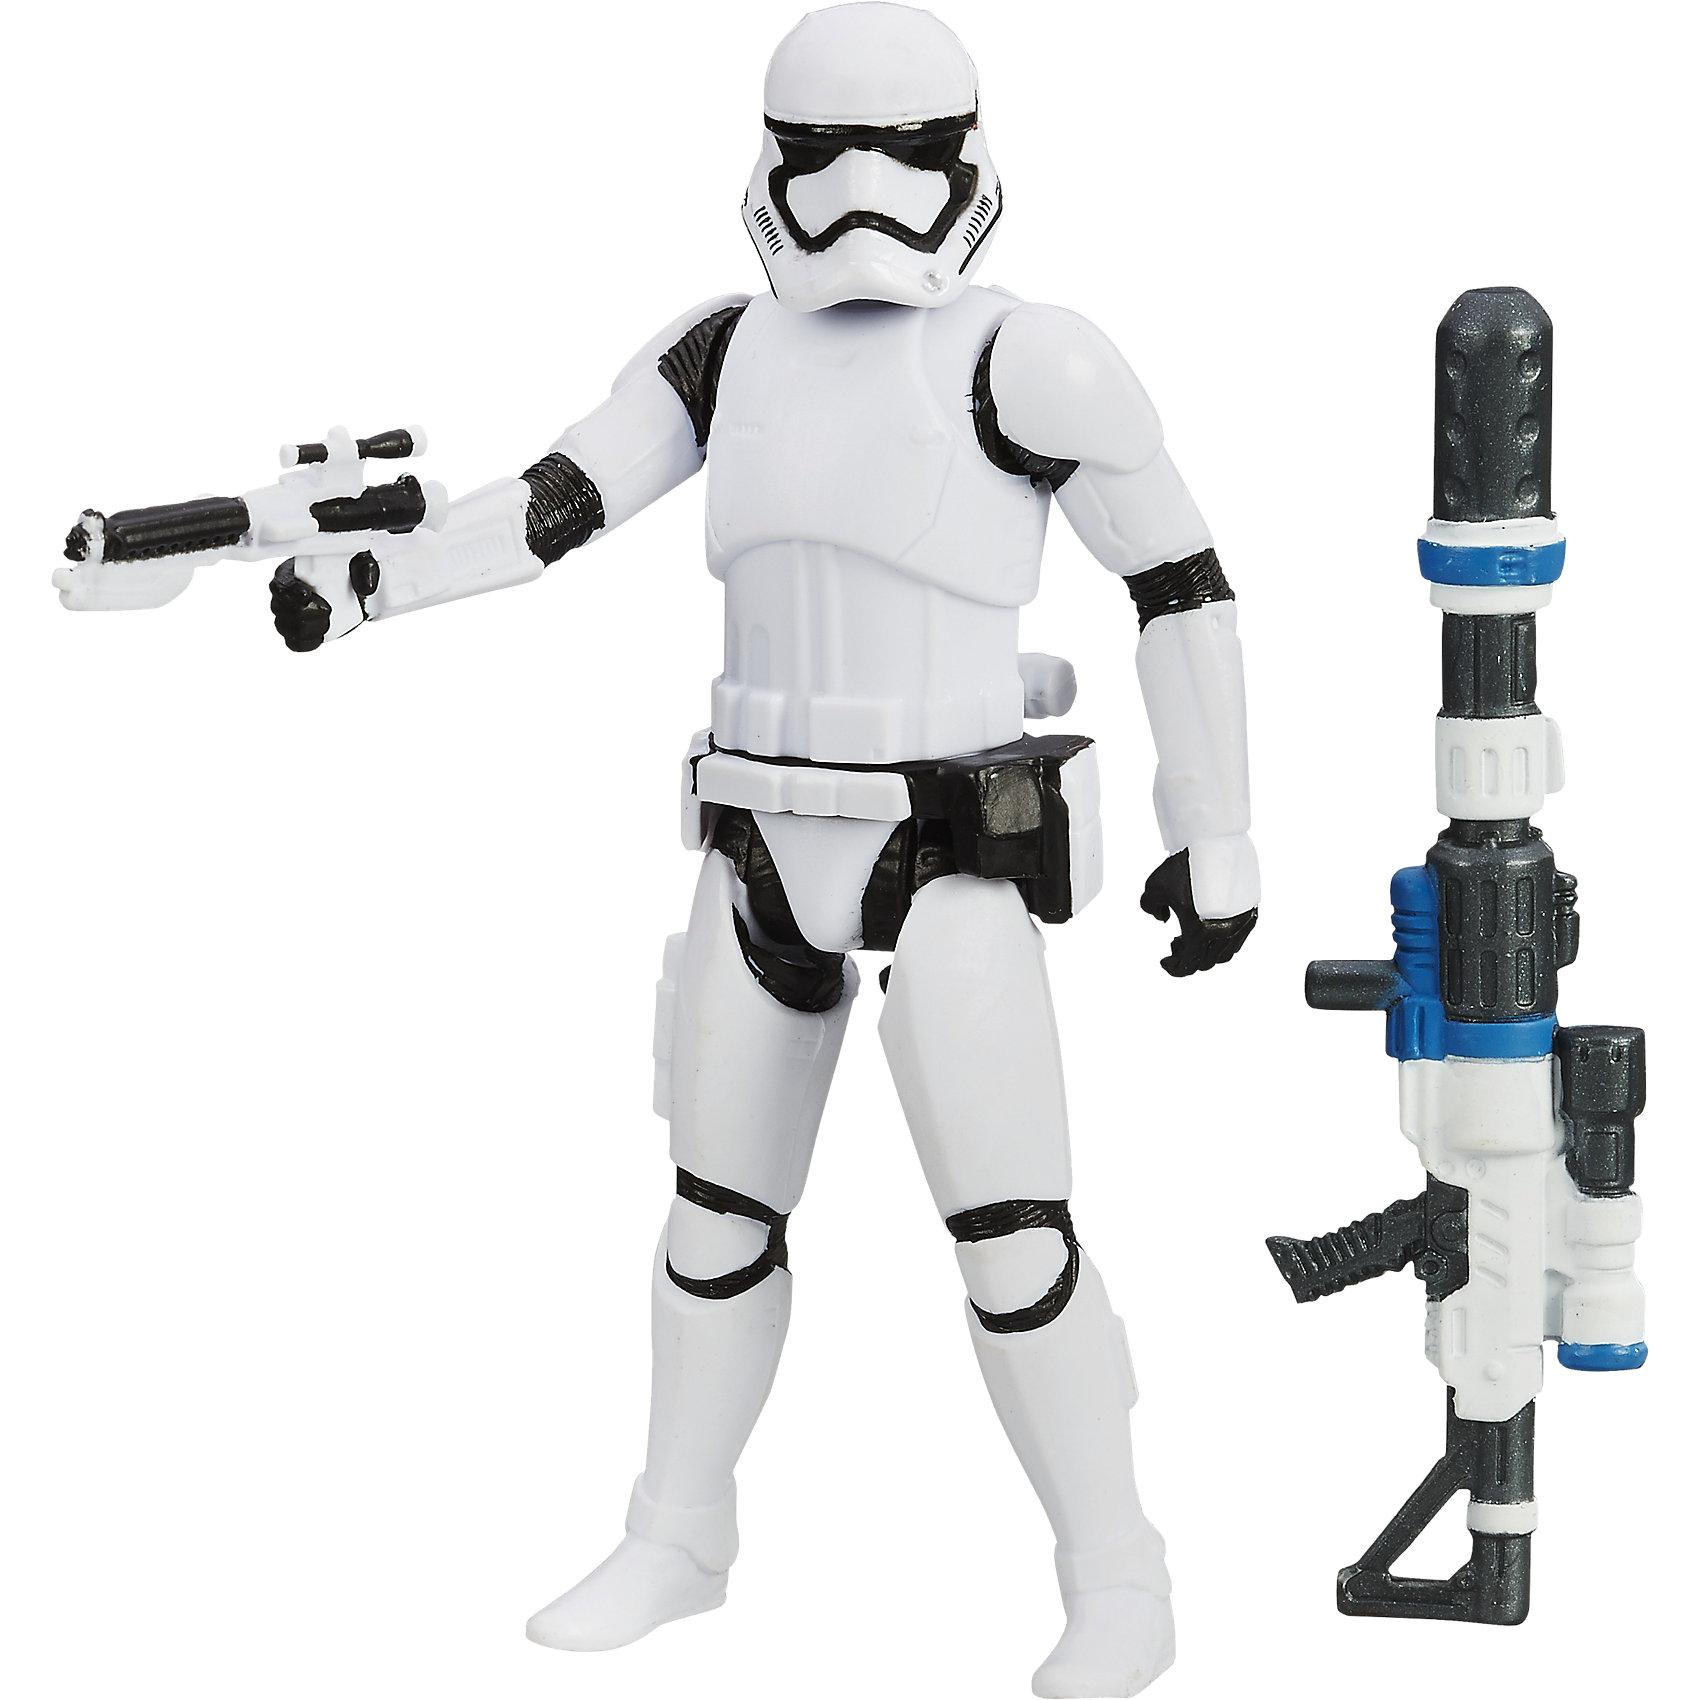 Звездные войны Эпизод 7 фигурка штурмовика  9,5 смКоллекционные и игровые фигурки<br>Фигурка штурмовика, Звездные войны (Star Wars). Эпизод 7, станет приятным сюрпризом для Вашего ребенка, особенно если он является поклонником популярной фантастической киносаги Star Wars. Фигурка выполнена с высокой степенью детализации и реалистичности и очень похожа на своего экранного прототипа. Вооруженные мощным оружием и блестящей броней, Штурмовики - основа могущества Первого Порядка. У фигурки подвижные части тела, что позволяет придать ей разные позы. В комплект также входит оружие штурмовика - бластер и деталь уникального оружия, которое может получиться, если объединить ее с деталями из комплектов с Рэем (Баз Старкиллер) и Дартом Вейдером (продаются отдельно). Для всех поклонников Звездных войн фигурки данной серии составят замечательную коллекцию и дополнят игры новыми персонажами.<br><br>Дополнительная информация:<br><br>- В комплекте: фигурка, 2 оружия.<br>- Материал: пластик.<br>- Высота фигурки: 9,5 см.<br>- Размер упаковки: 21 х 3,7 х 14 см.<br>- Вес: 0,12 кг. <br><br>Фигурку штурмовика, Звездные войны (Star Wars) Эпизод 7, Hasbro, можно купить в нашем интернет-магазине.<br><br>Ширина мм: 212<br>Глубина мм: 142<br>Высота мм: 32<br>Вес г: 68<br>Возраст от месяцев: 48<br>Возраст до месяцев: 96<br>Пол: Мужской<br>Возраст: Детский<br>SKU: 4046733